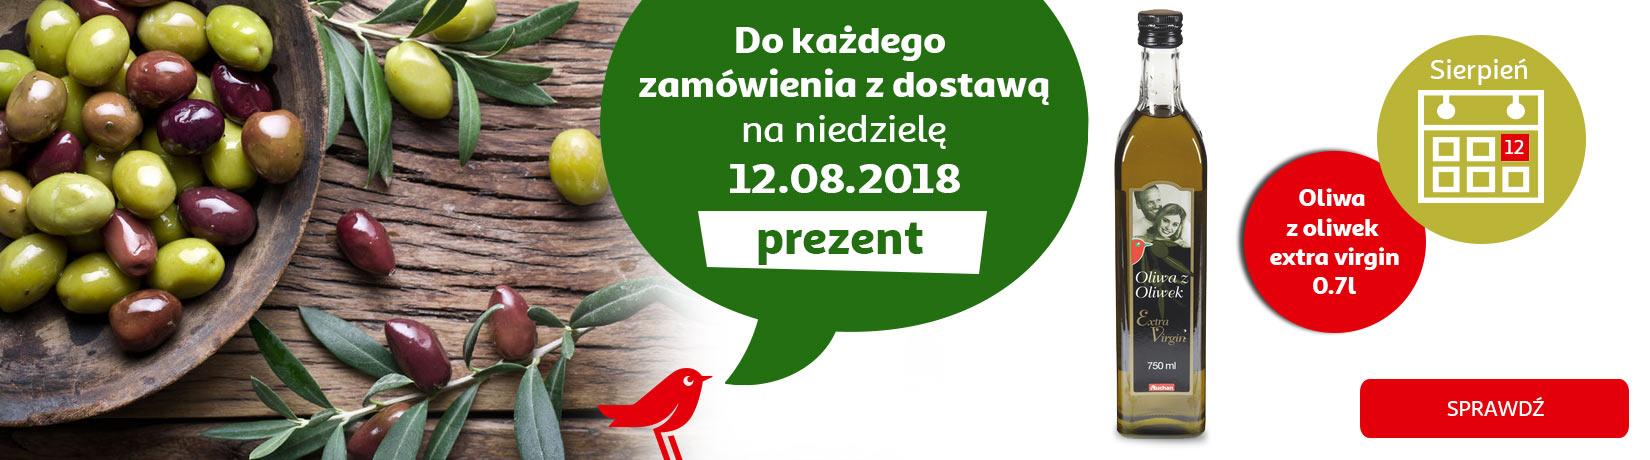 Oliwa z oliwek extra virgin 0,7l gratis do zamówienia na niedzielę 12.08 @Auchan Direct